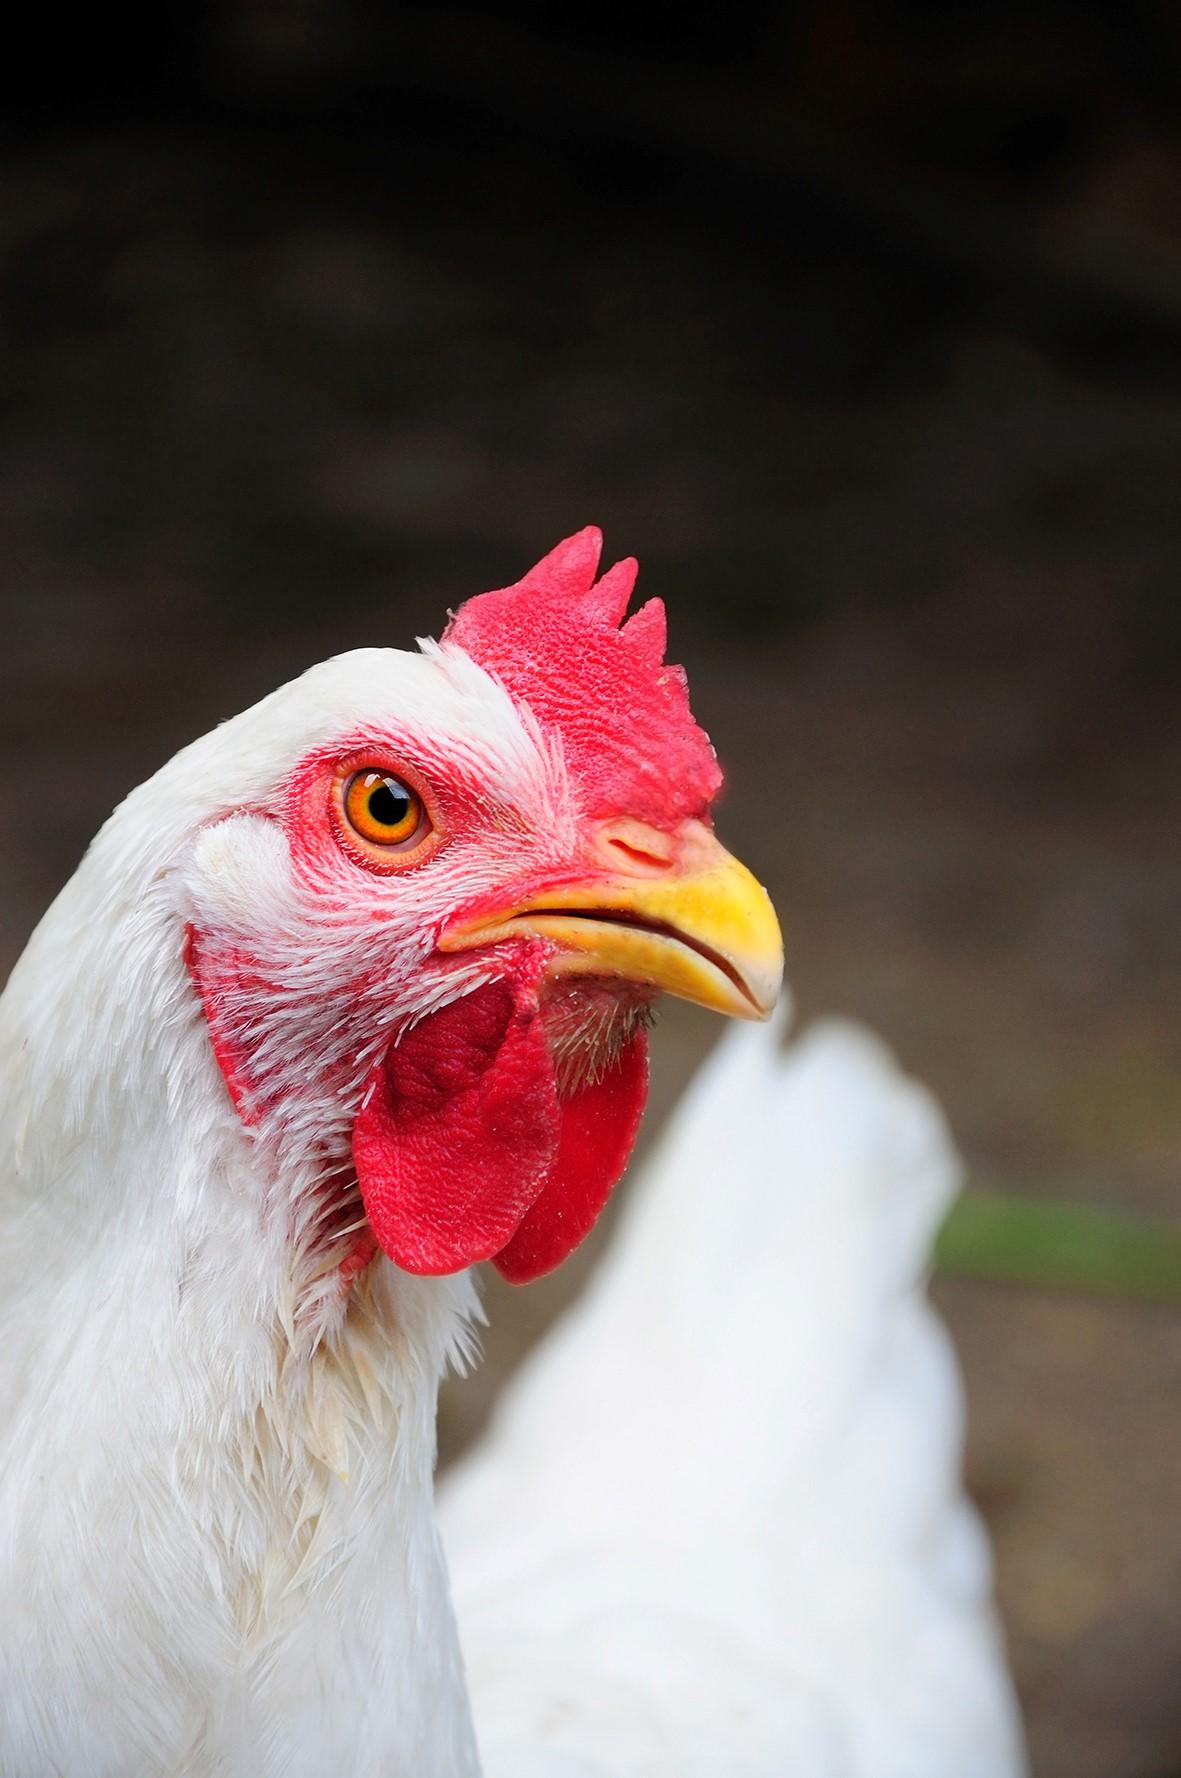 Micotoxinas em aves: prevalência e controle no período de verão - por Cristiane Sanfelice